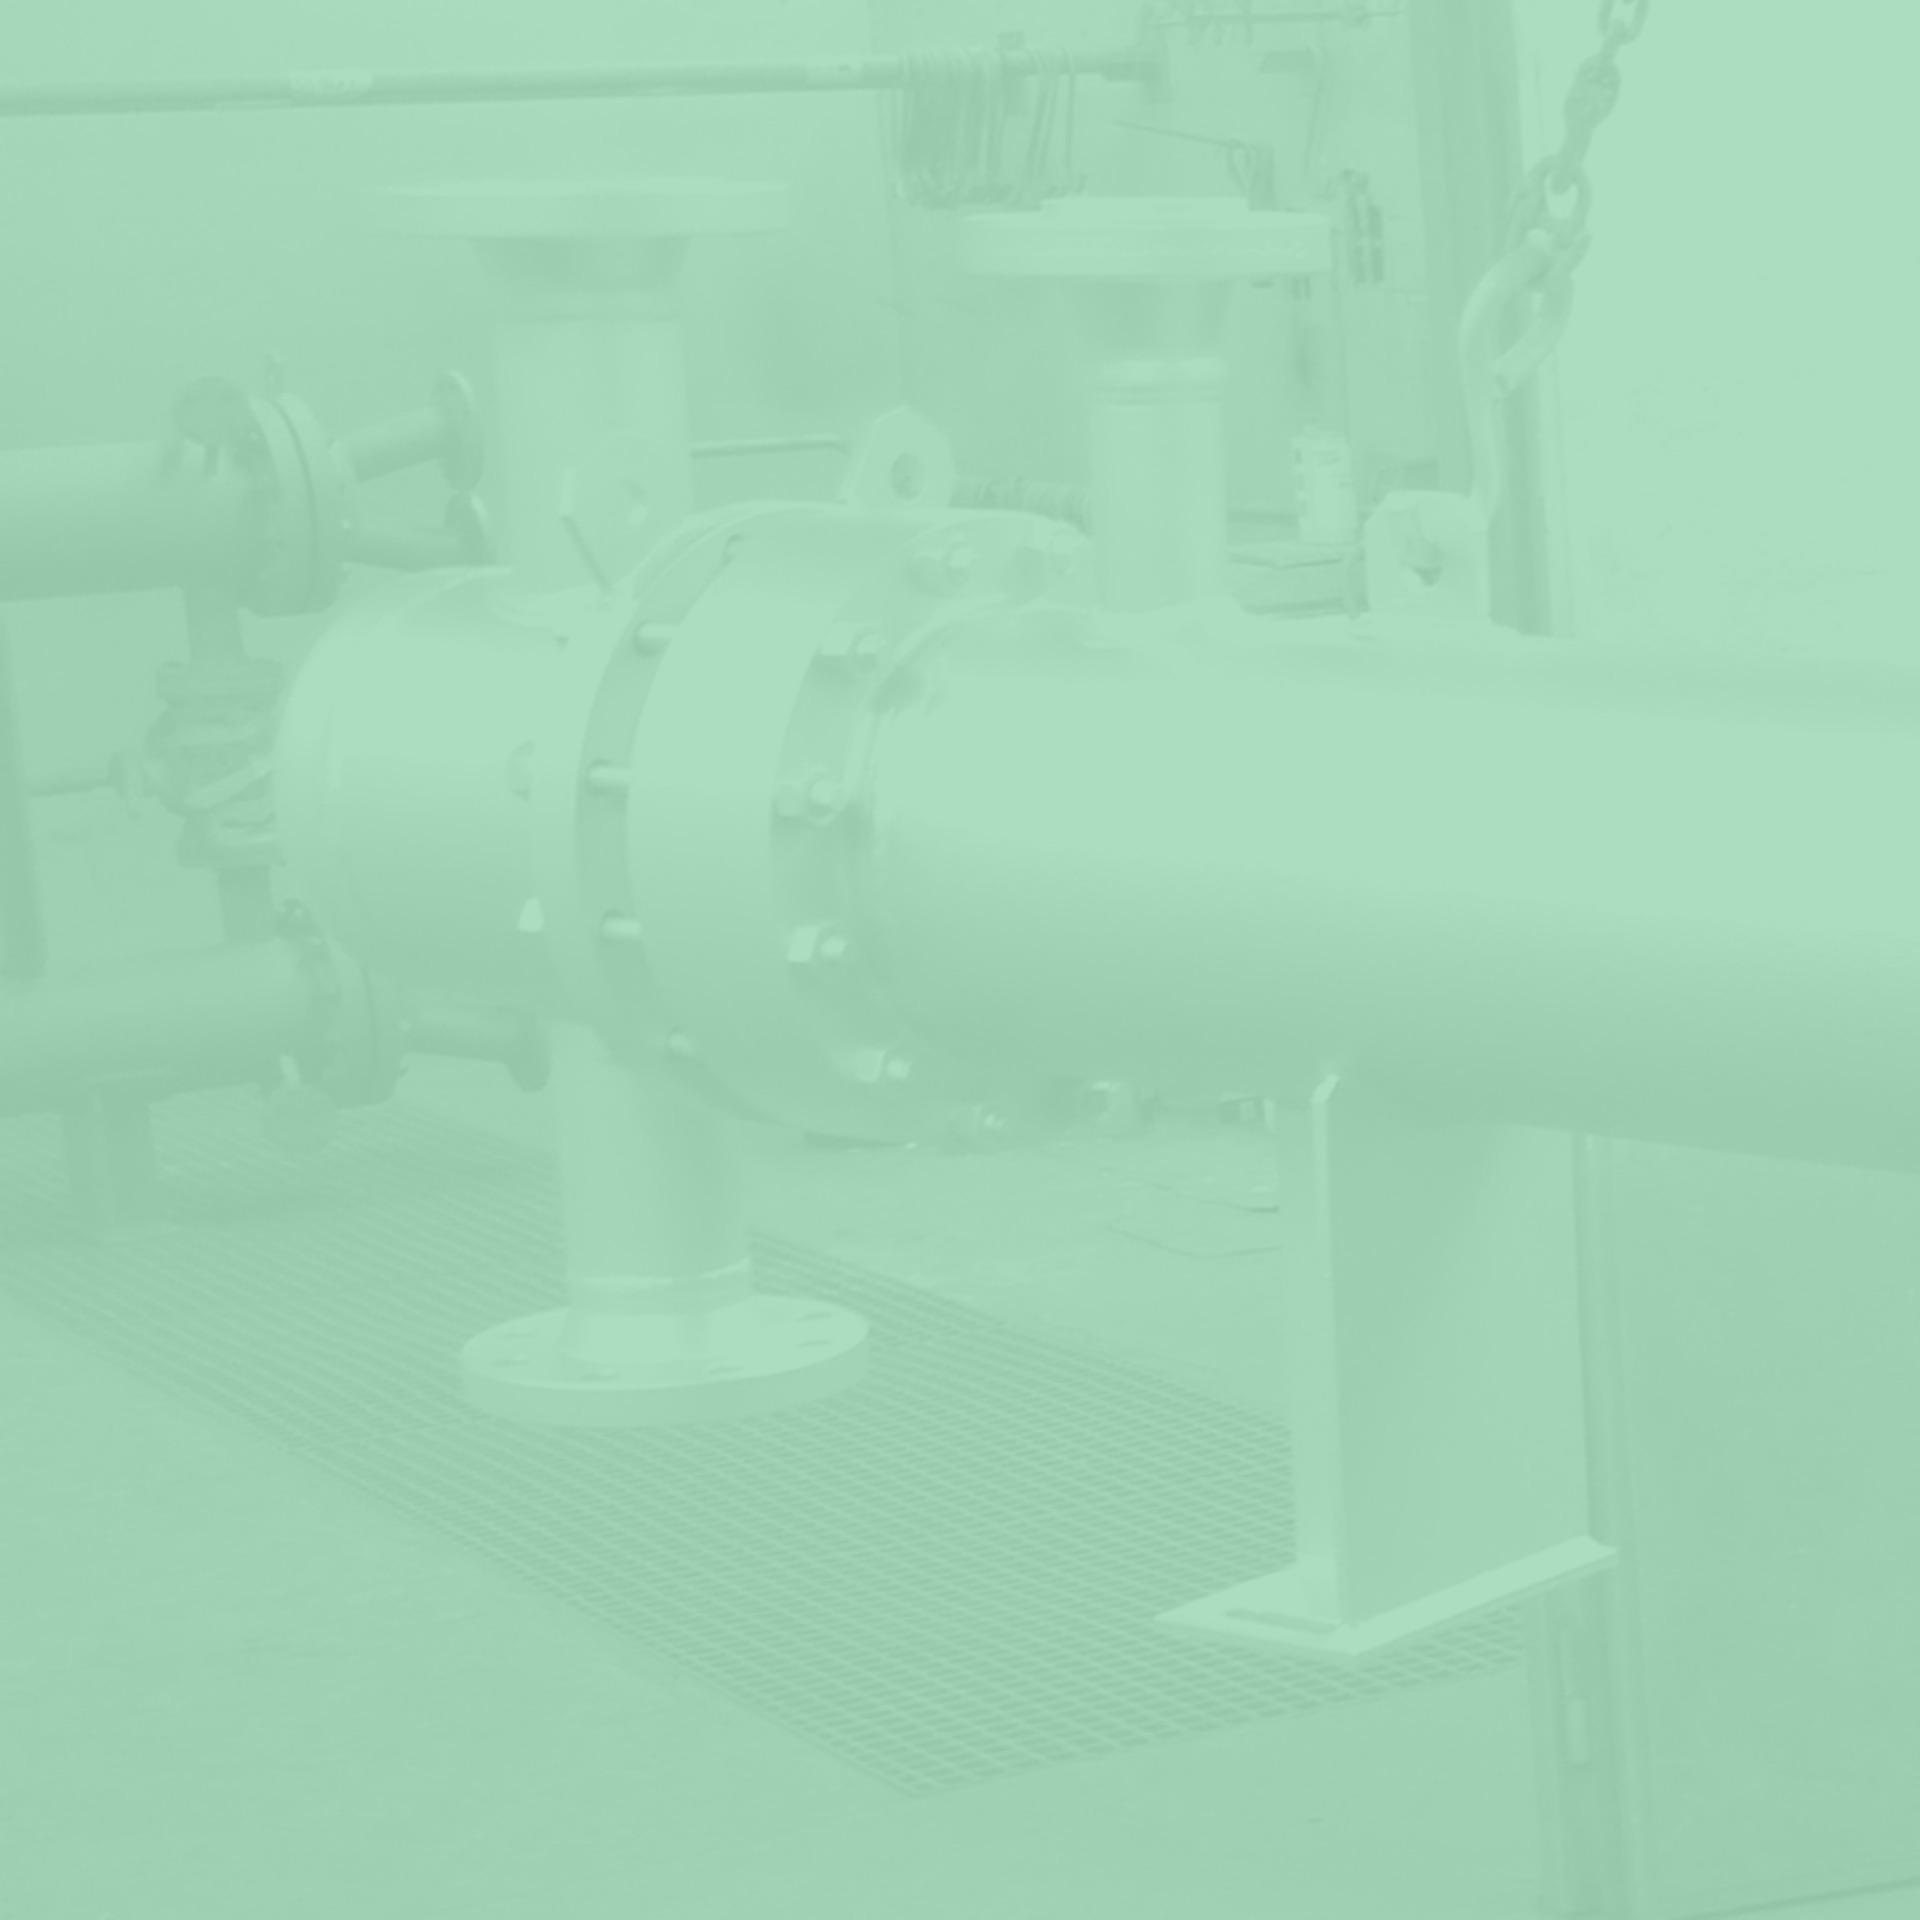 GWA_heat_exchanger_tube_bundle_heat_exchanger_fixed_floor_device_with_compensator_as_natural_gas_preheater_Gesellschaft_fuer_Waerme_und_Anlagentechnik_mbH_monochrom